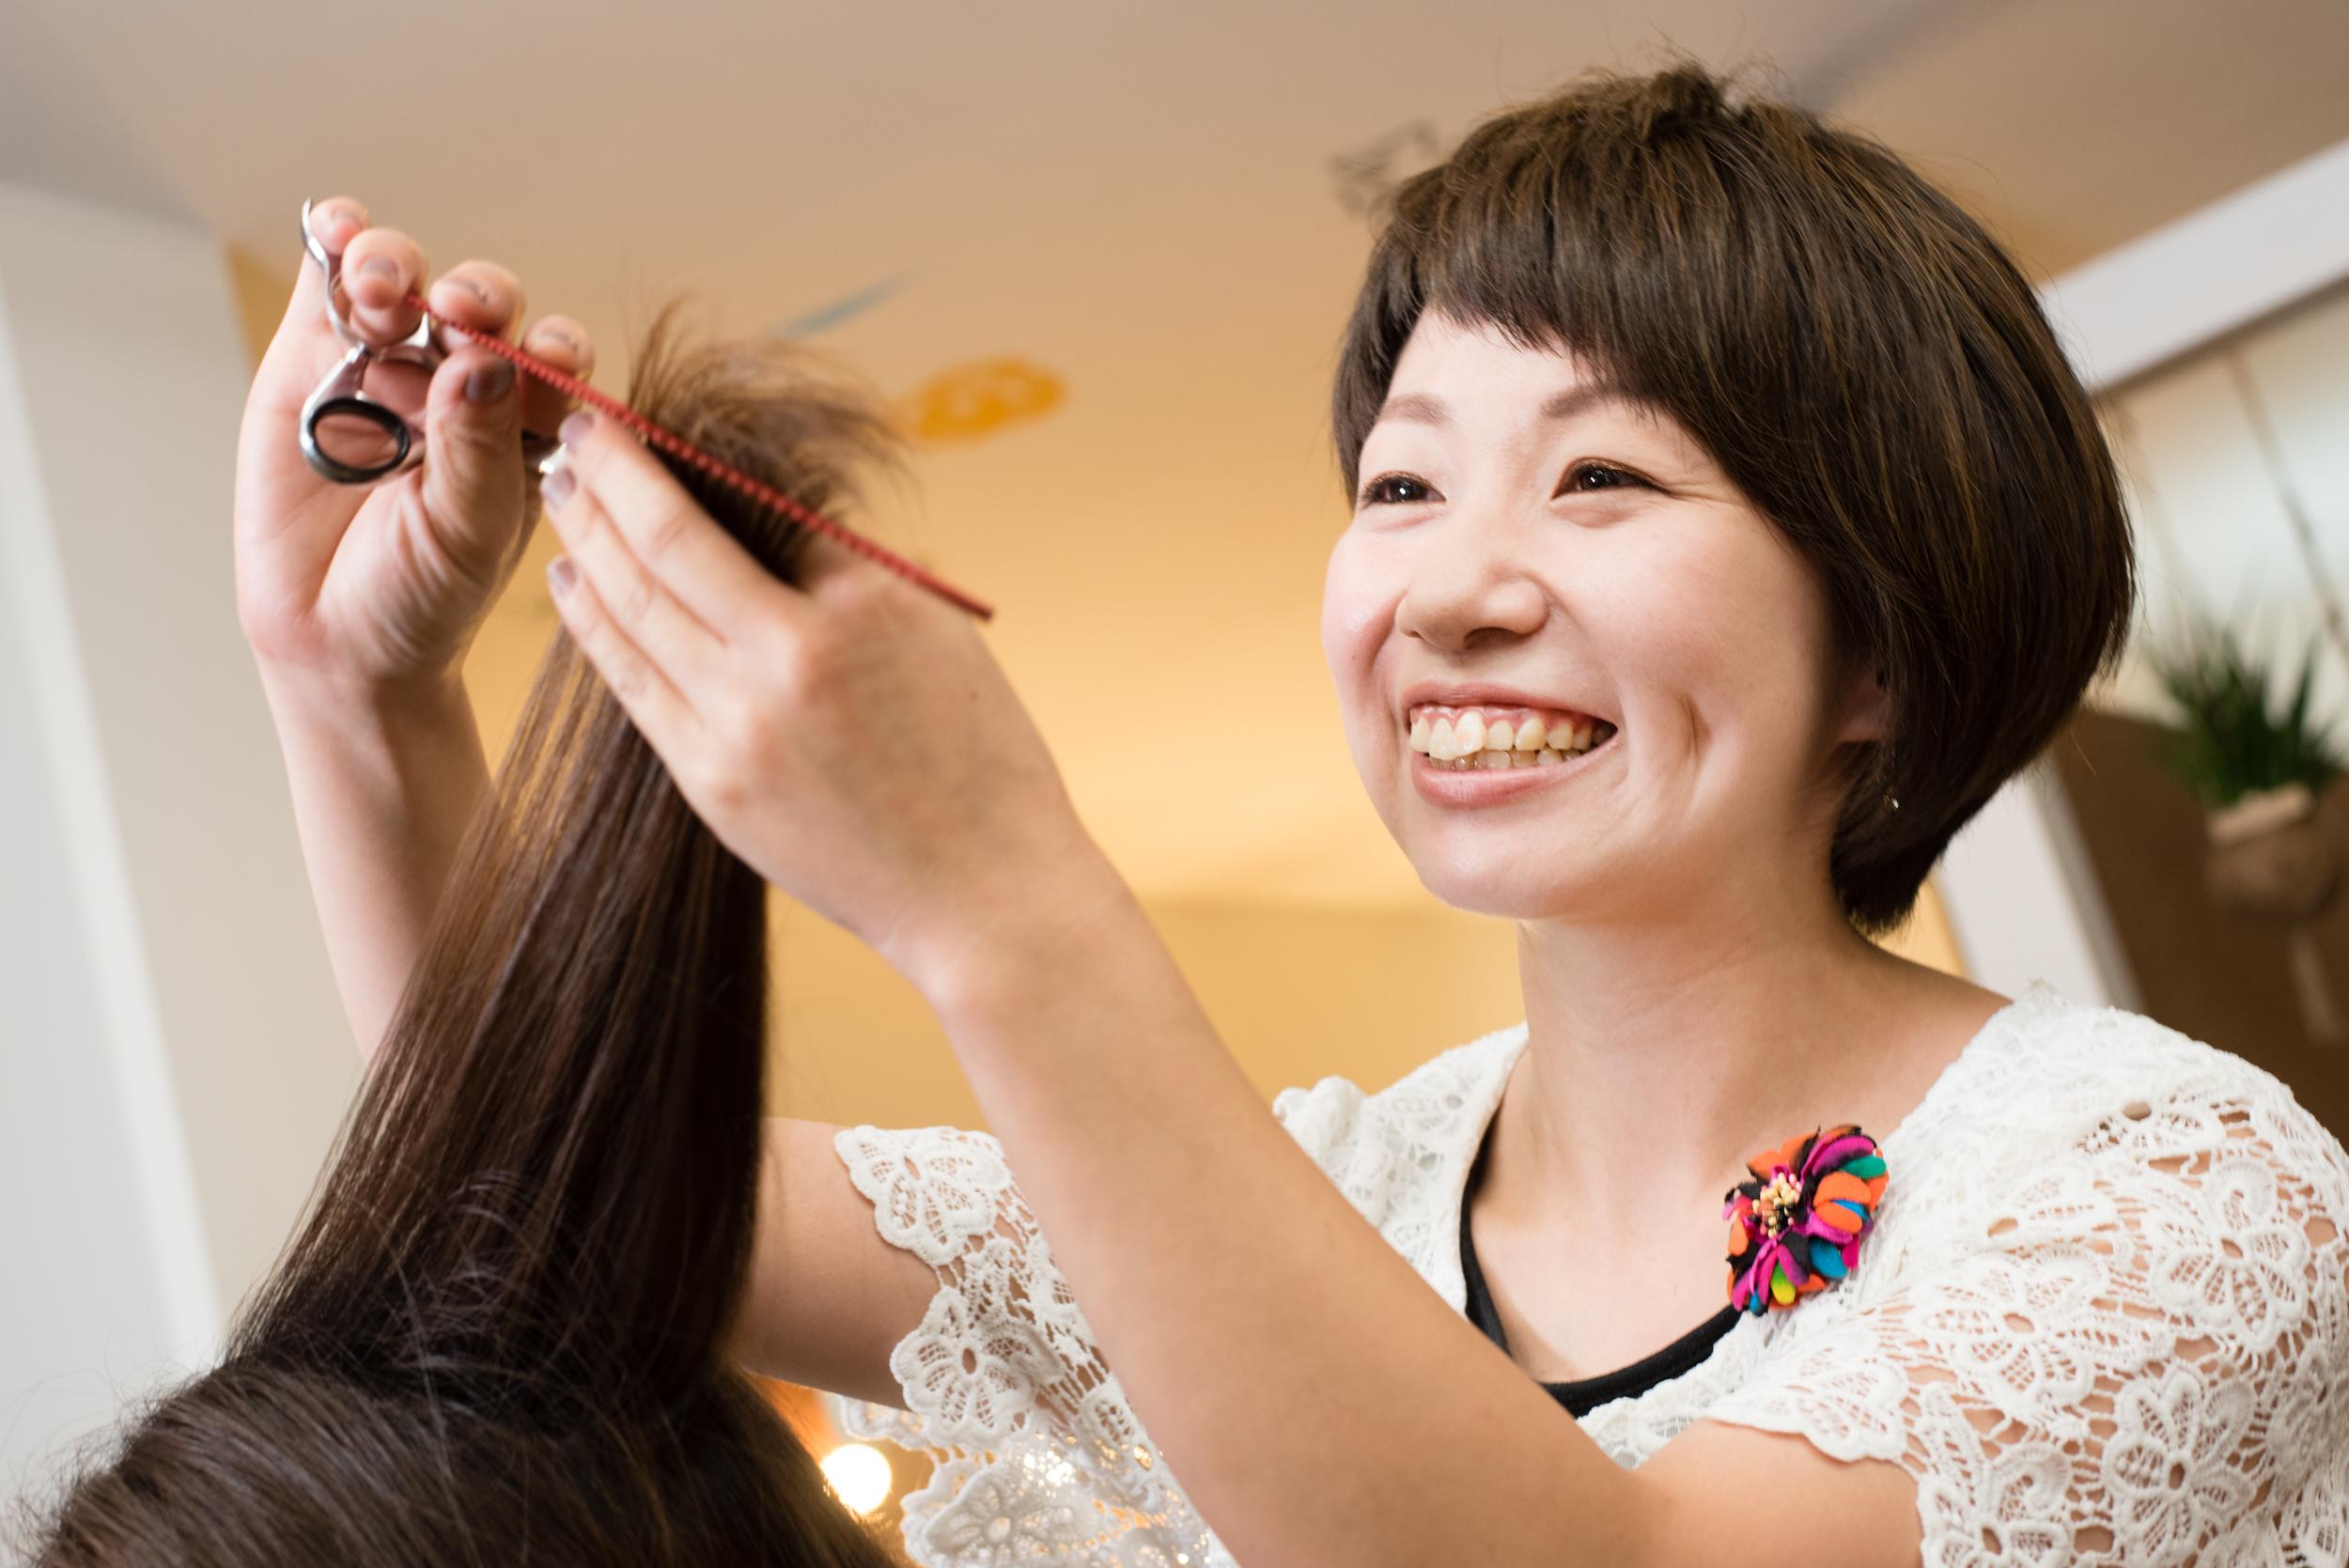 「自分のお客さまにこだわらず、他のスタッフのサポートにも回ることで、新たなやりがいが見つけられた」と、ママ美容師の上田稚子さん